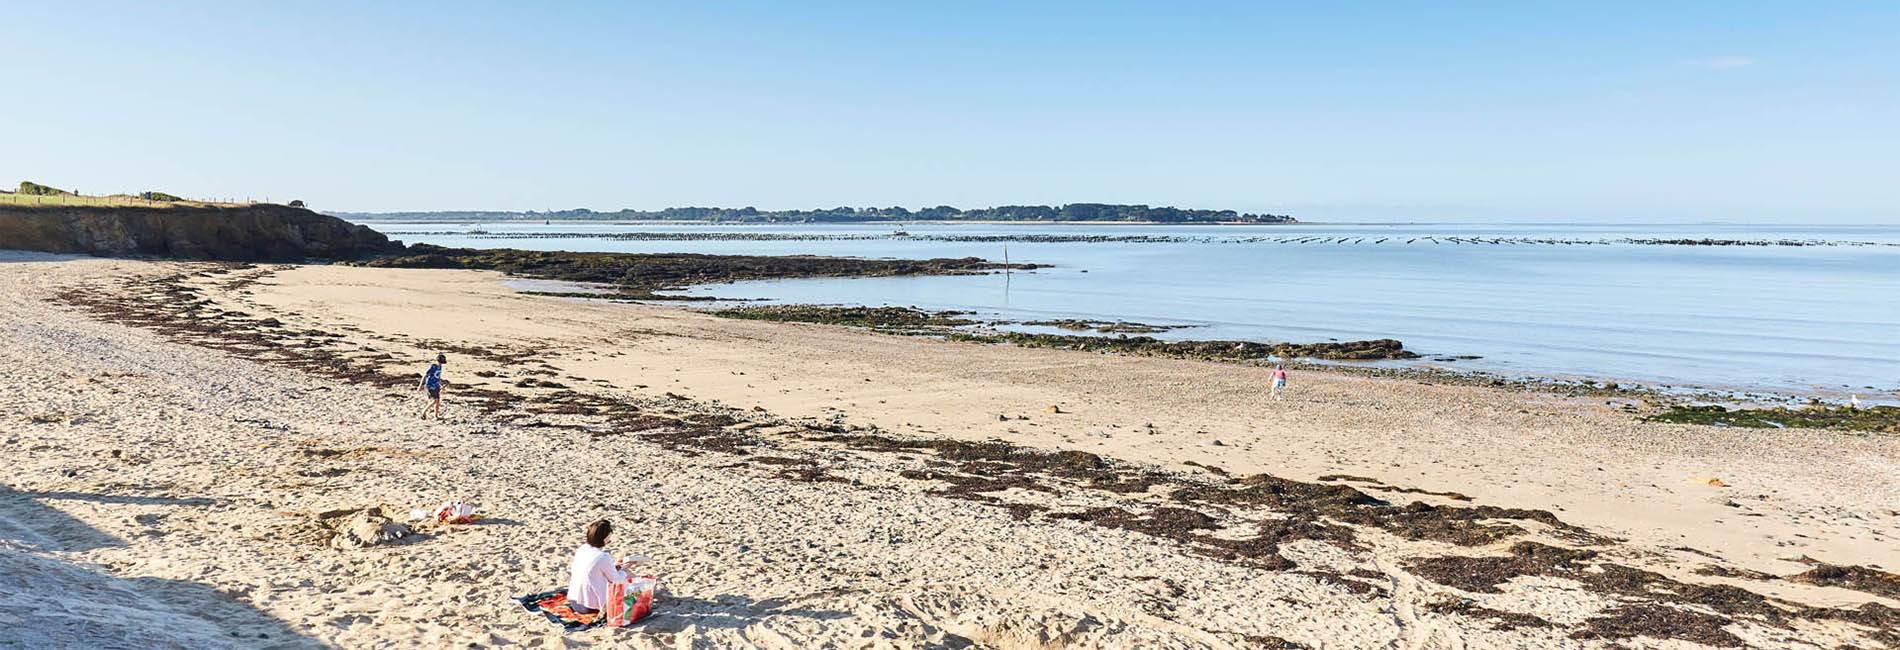 Plage des Granges Billiers Morbihan © A. Lamoureux